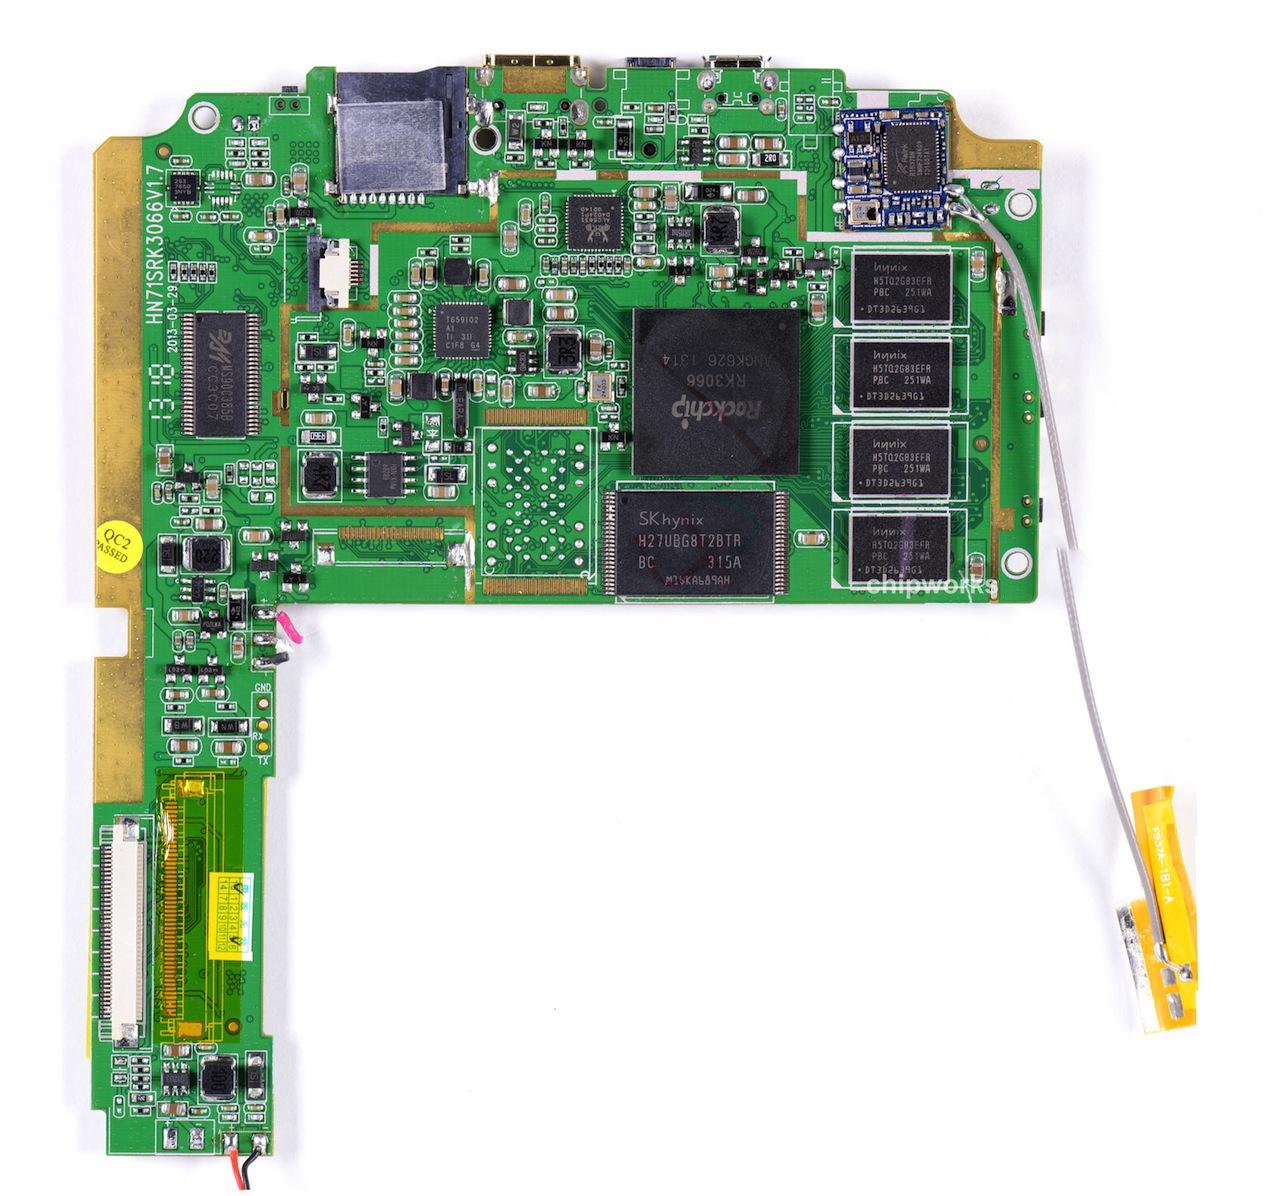 The Sero 7 Lite's barebones system board.